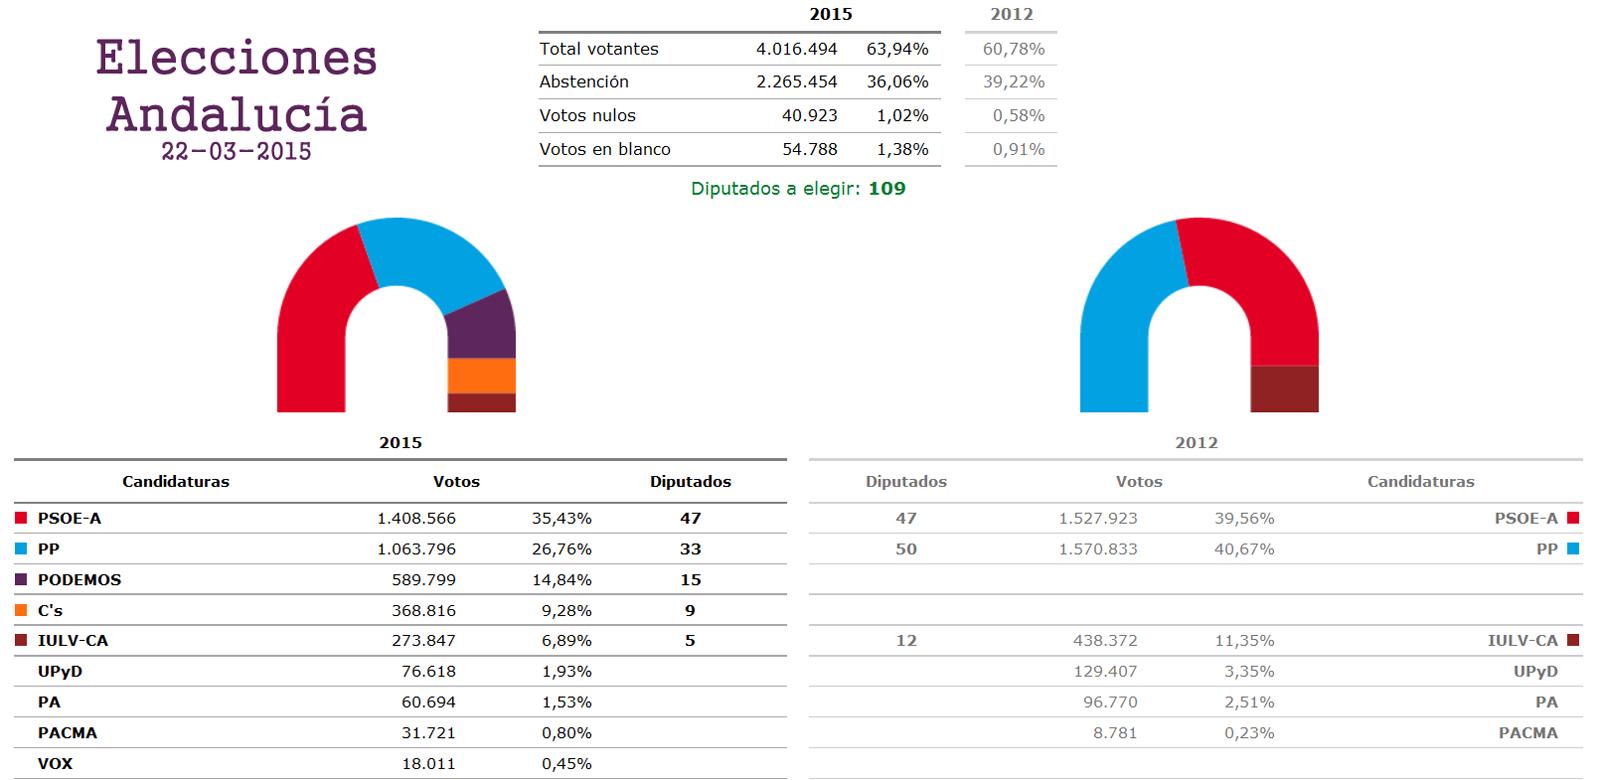 EleccionesAndalucia2015